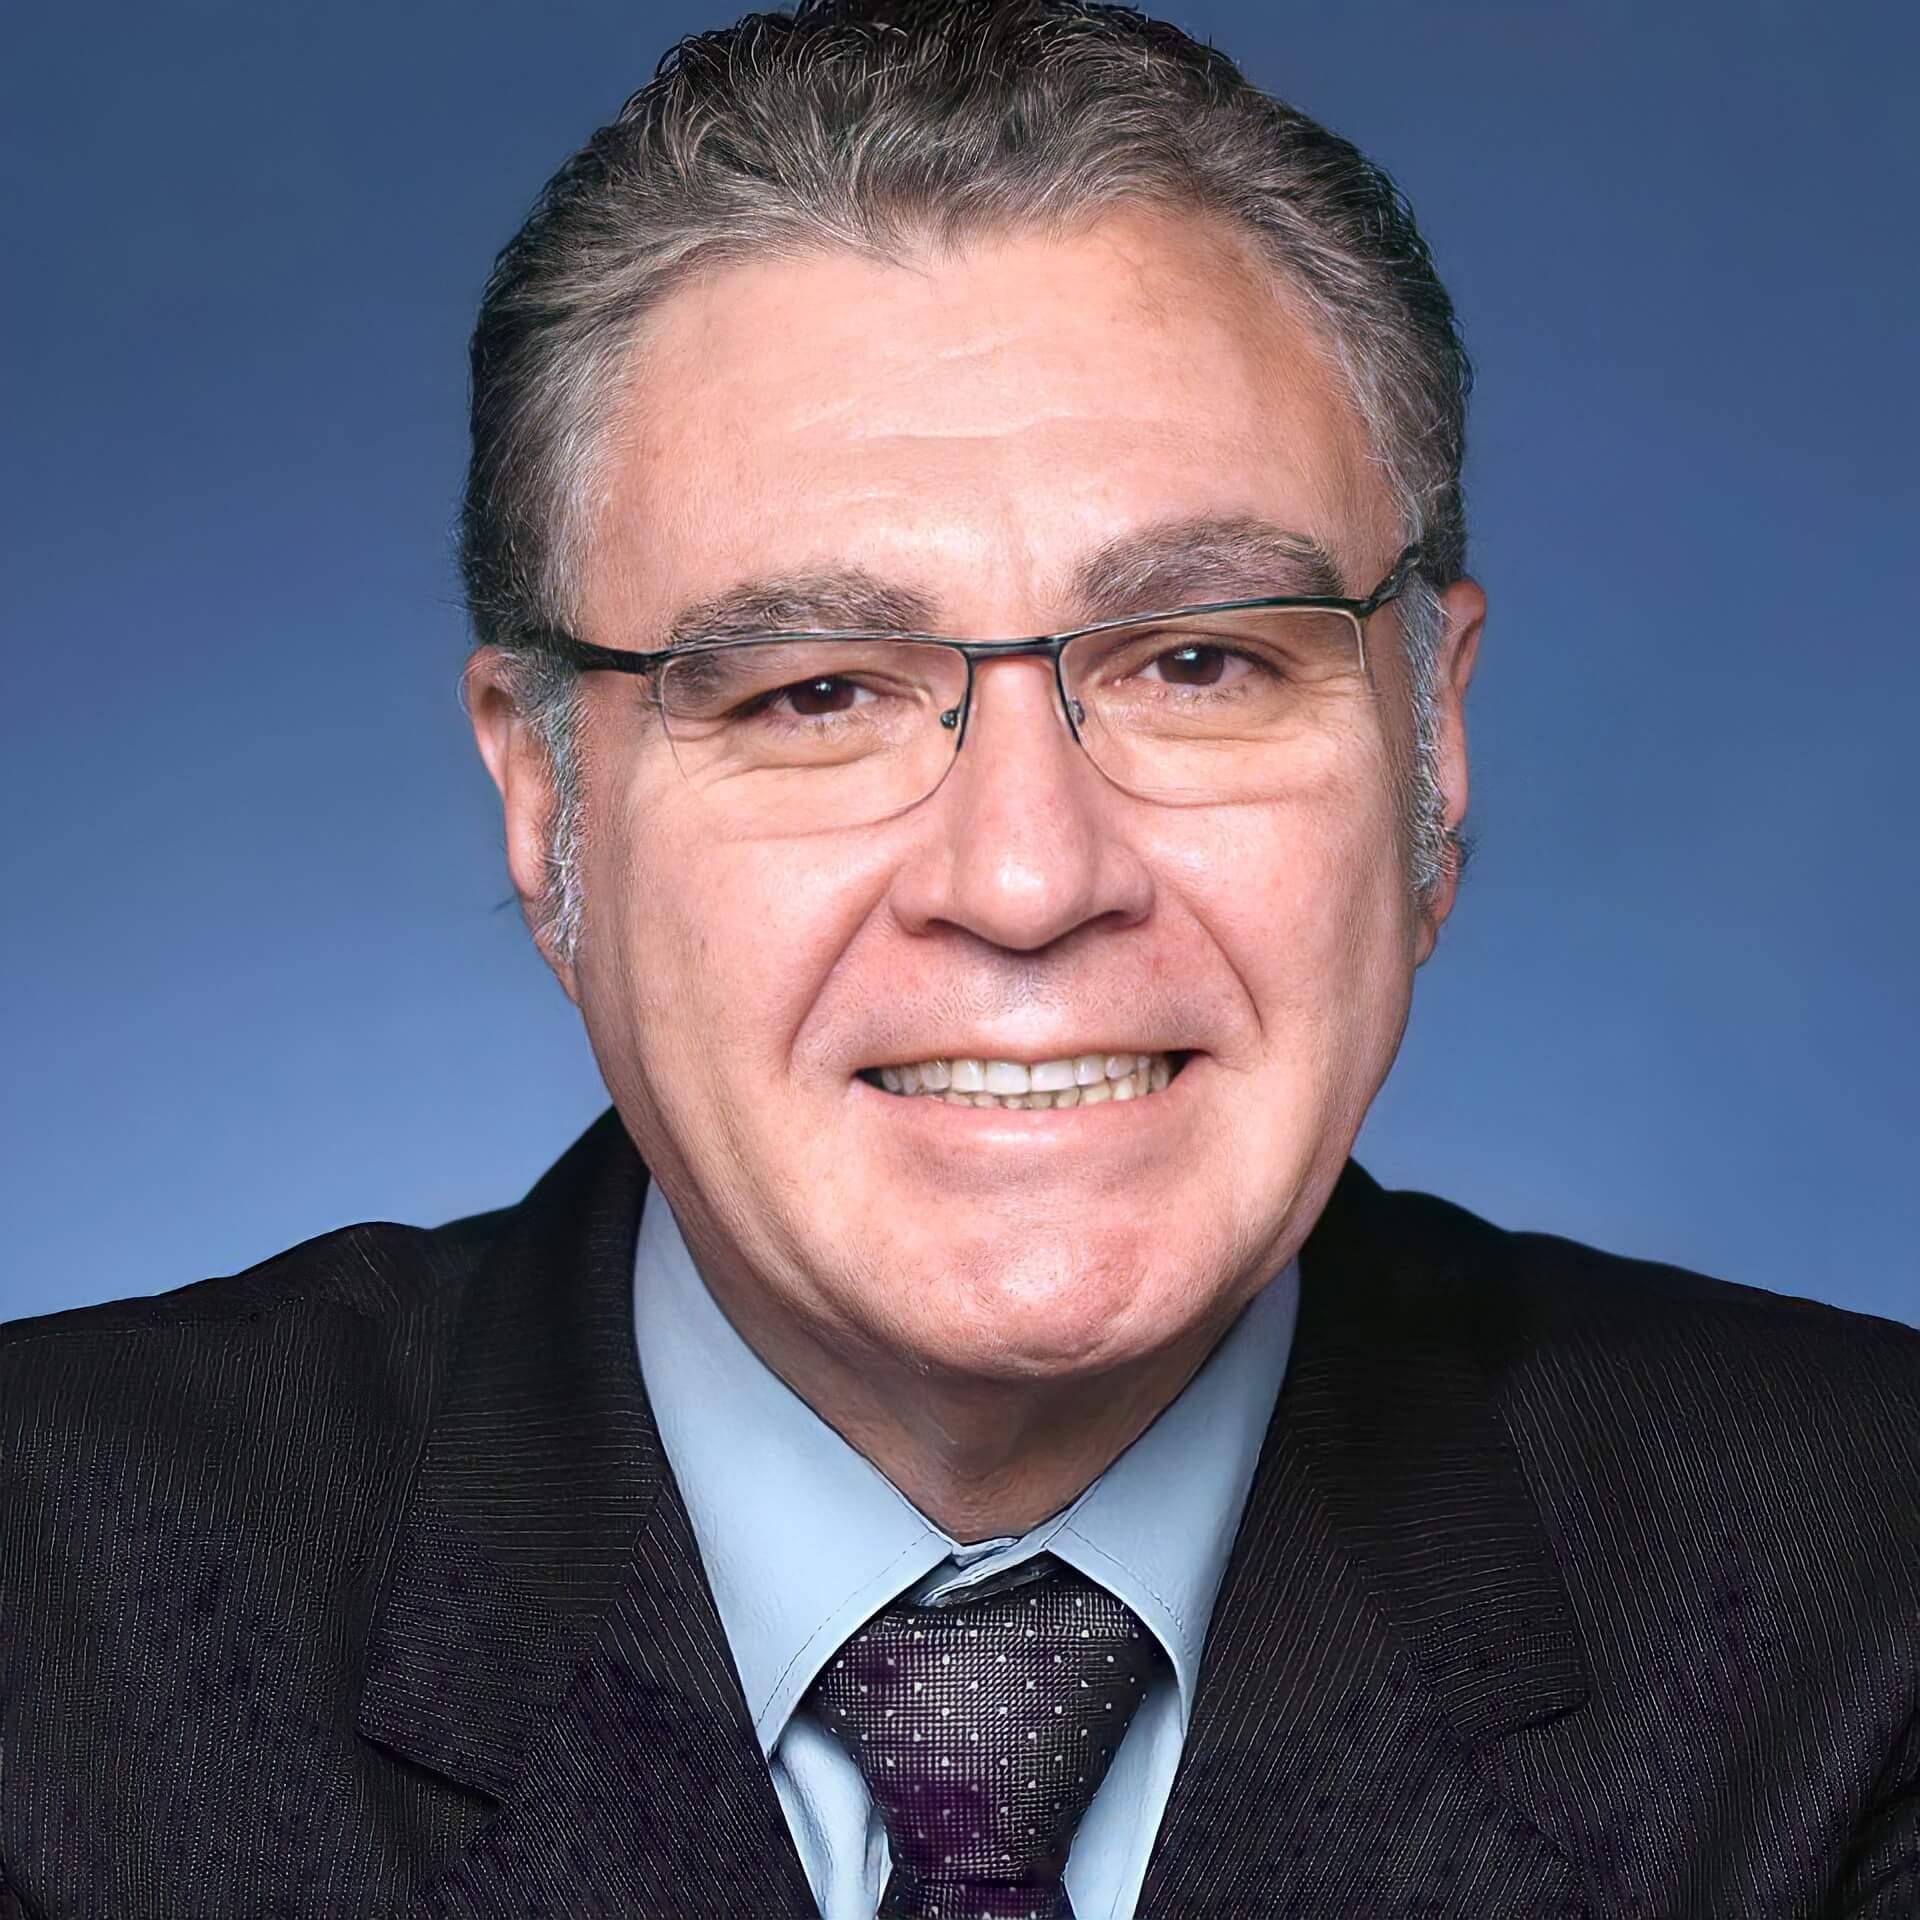 Dr. Rubens Brito